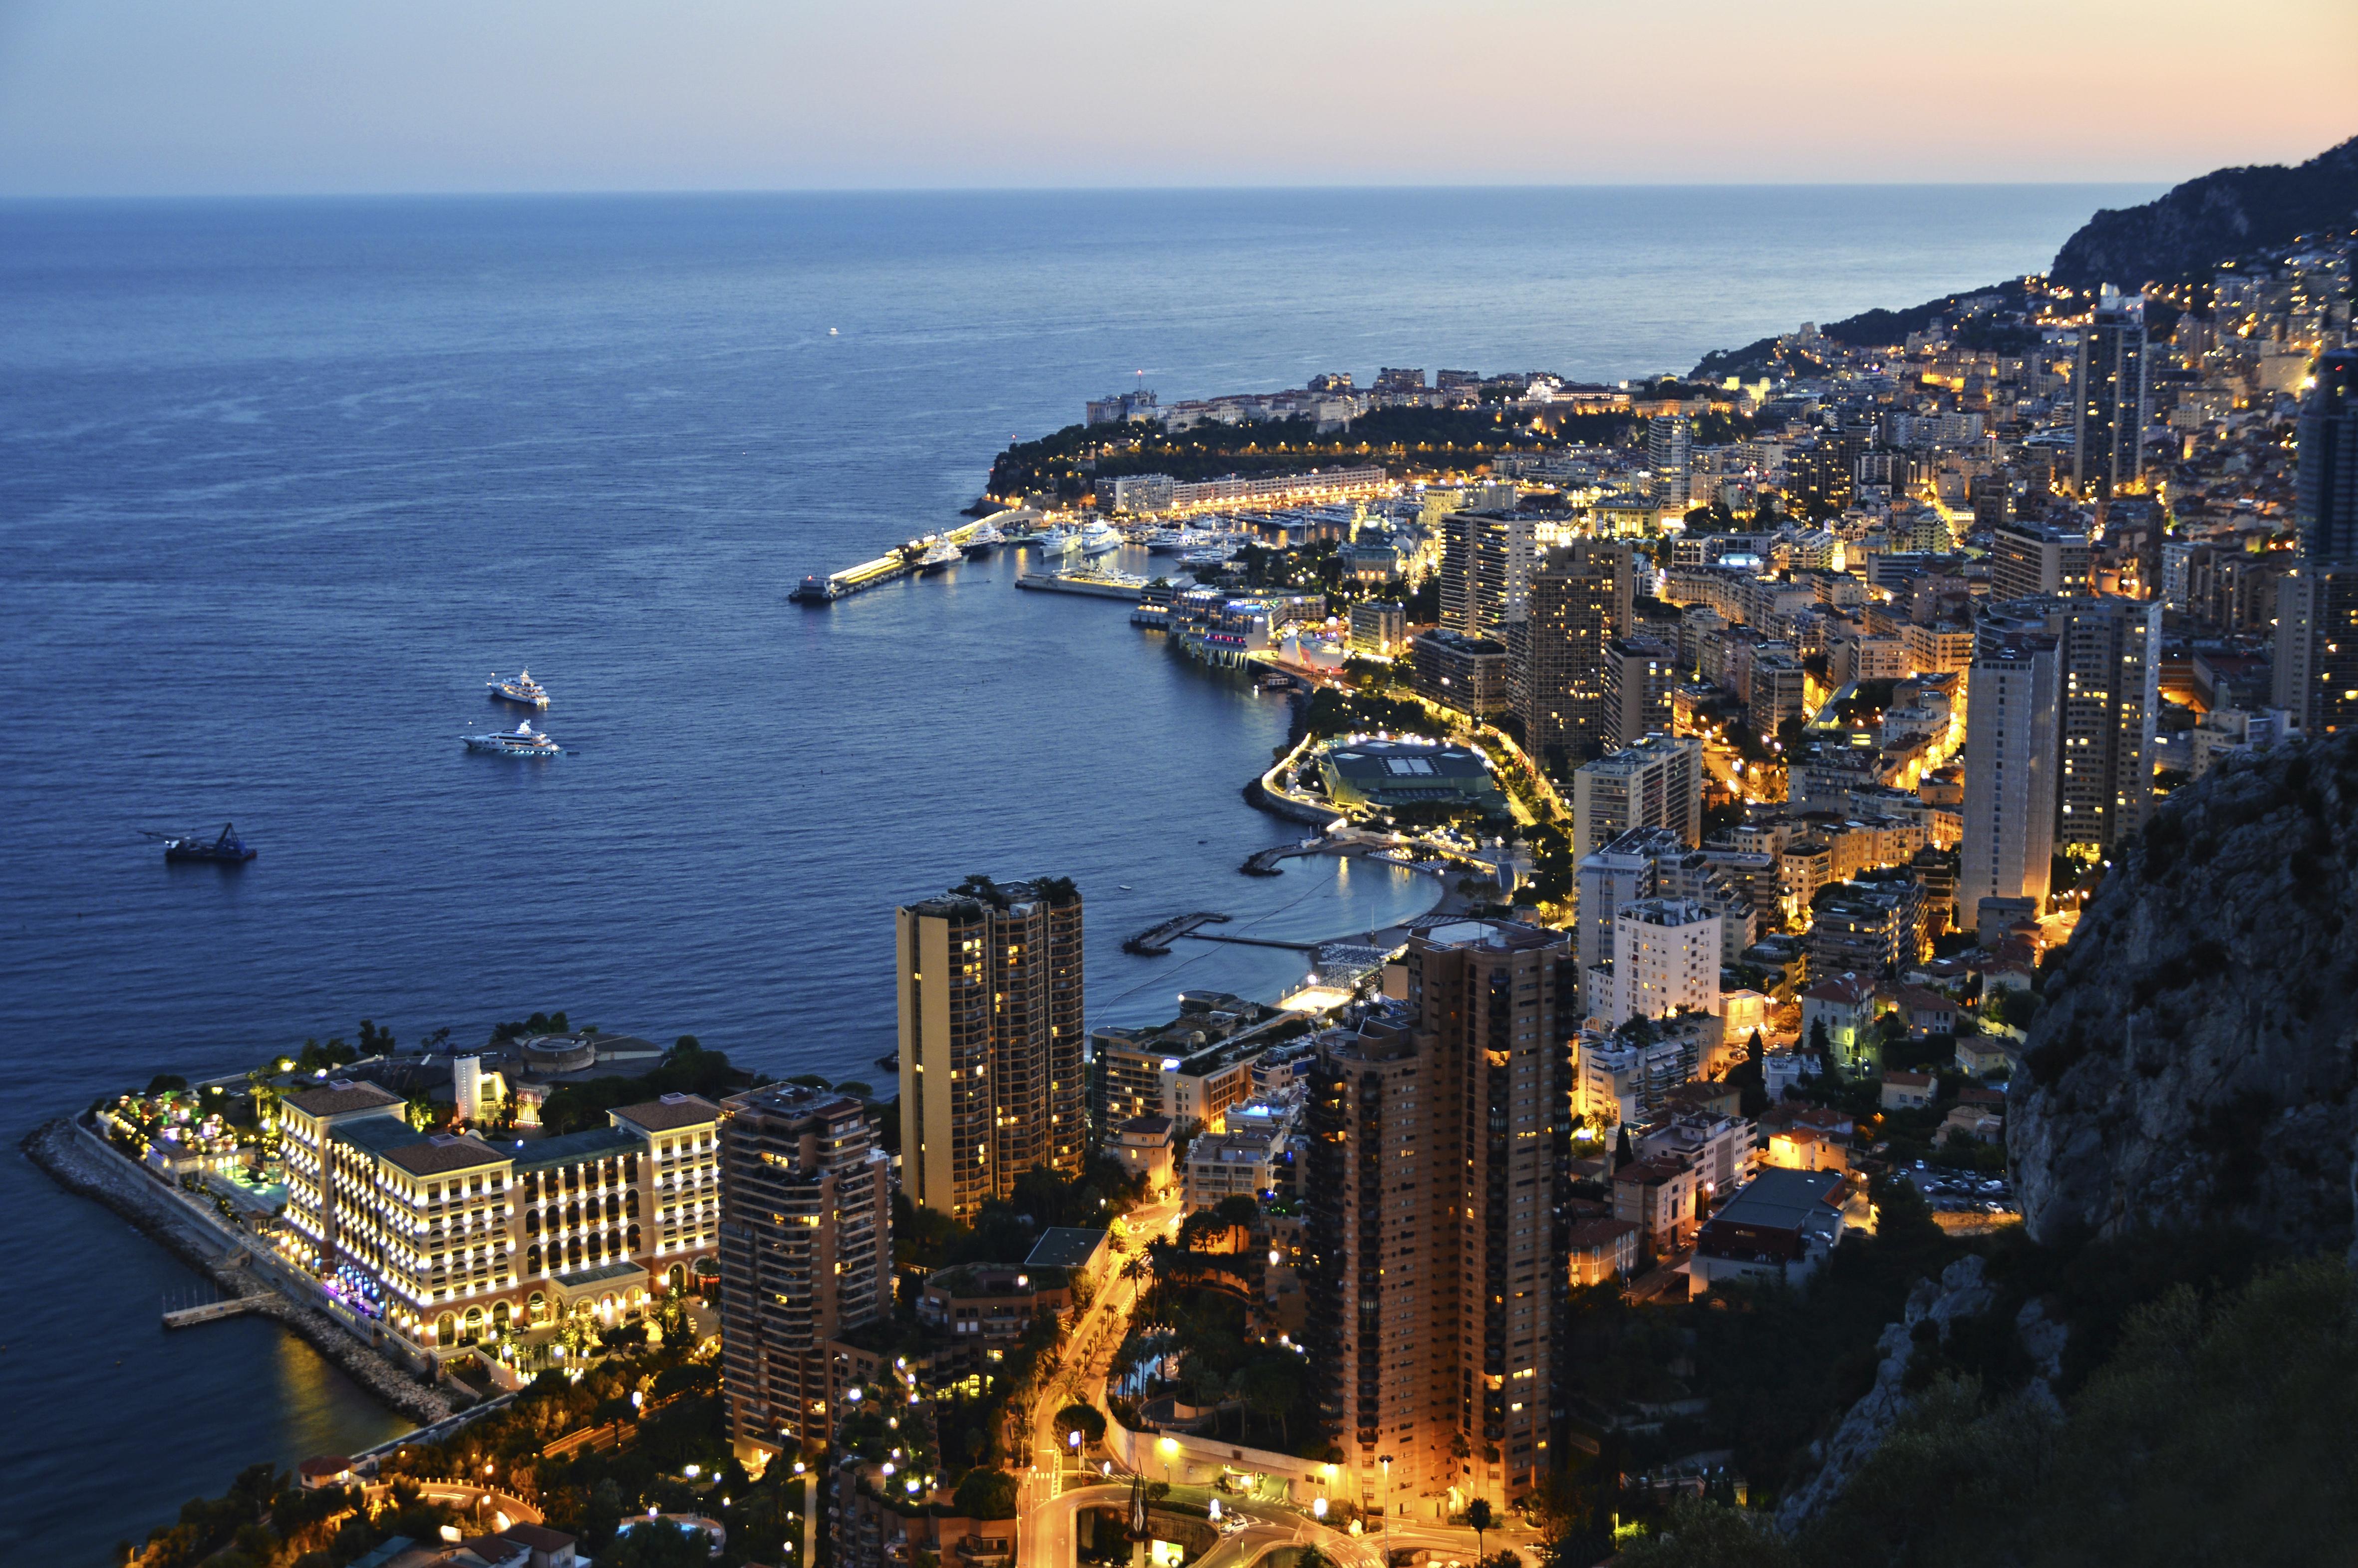 Monaco istock